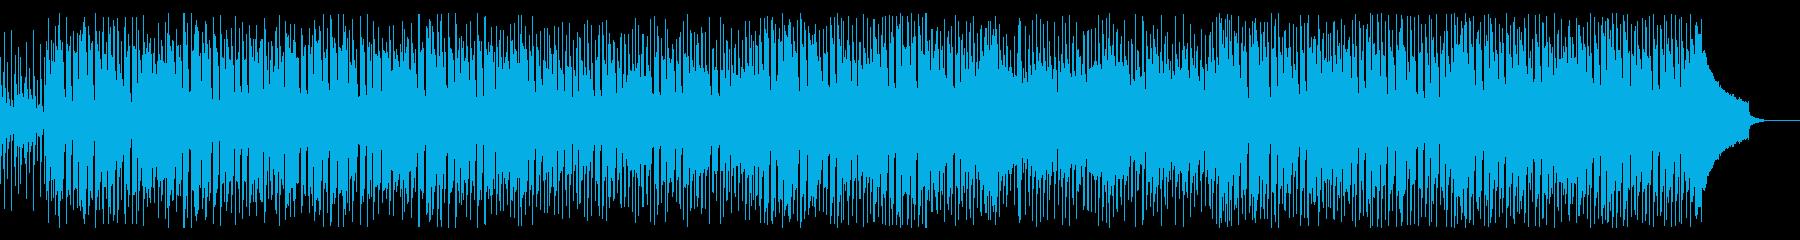 ウクレレ・口笛・かわいい・アップテンポの再生済みの波形